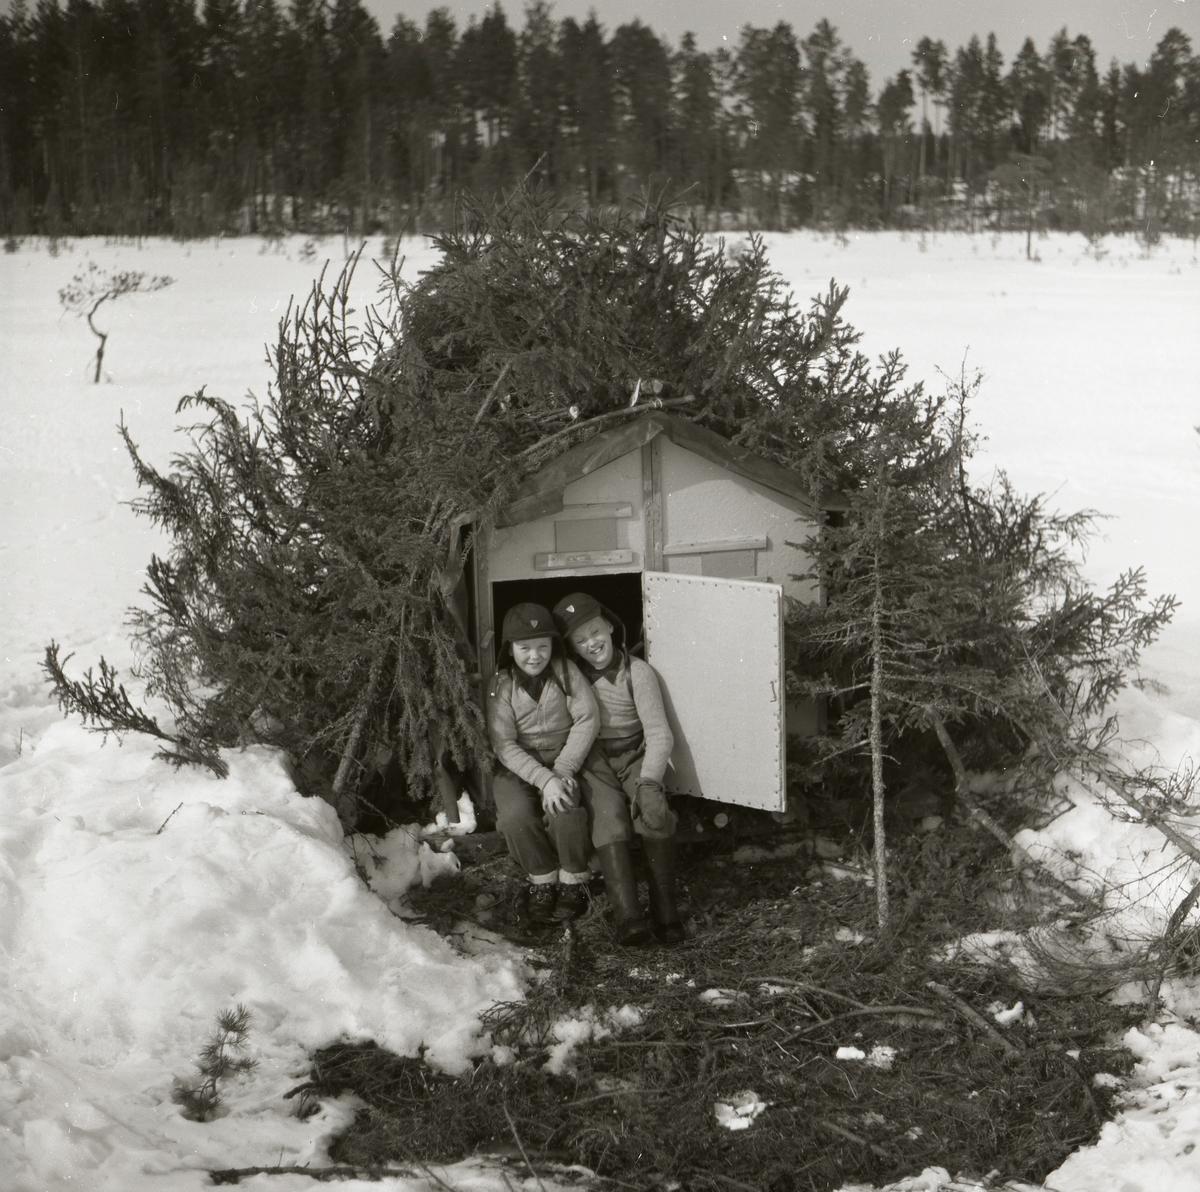 I dörröppningen till en koja sitter två barn och ler mot fotografen. Pojkarna bär matchande kläder bestående av ljusa tröjor, gråa byxor och svarta mössor. Kojan täcks av granris över taket och framför dörren ligger en granrismatta. Runt kojan ligger snön decimeterdjup med enstaka fotspår som avslöjar människornas närvaro. Skogen i bakgrunden ramar in det öppna fältet där kojan är placerad.